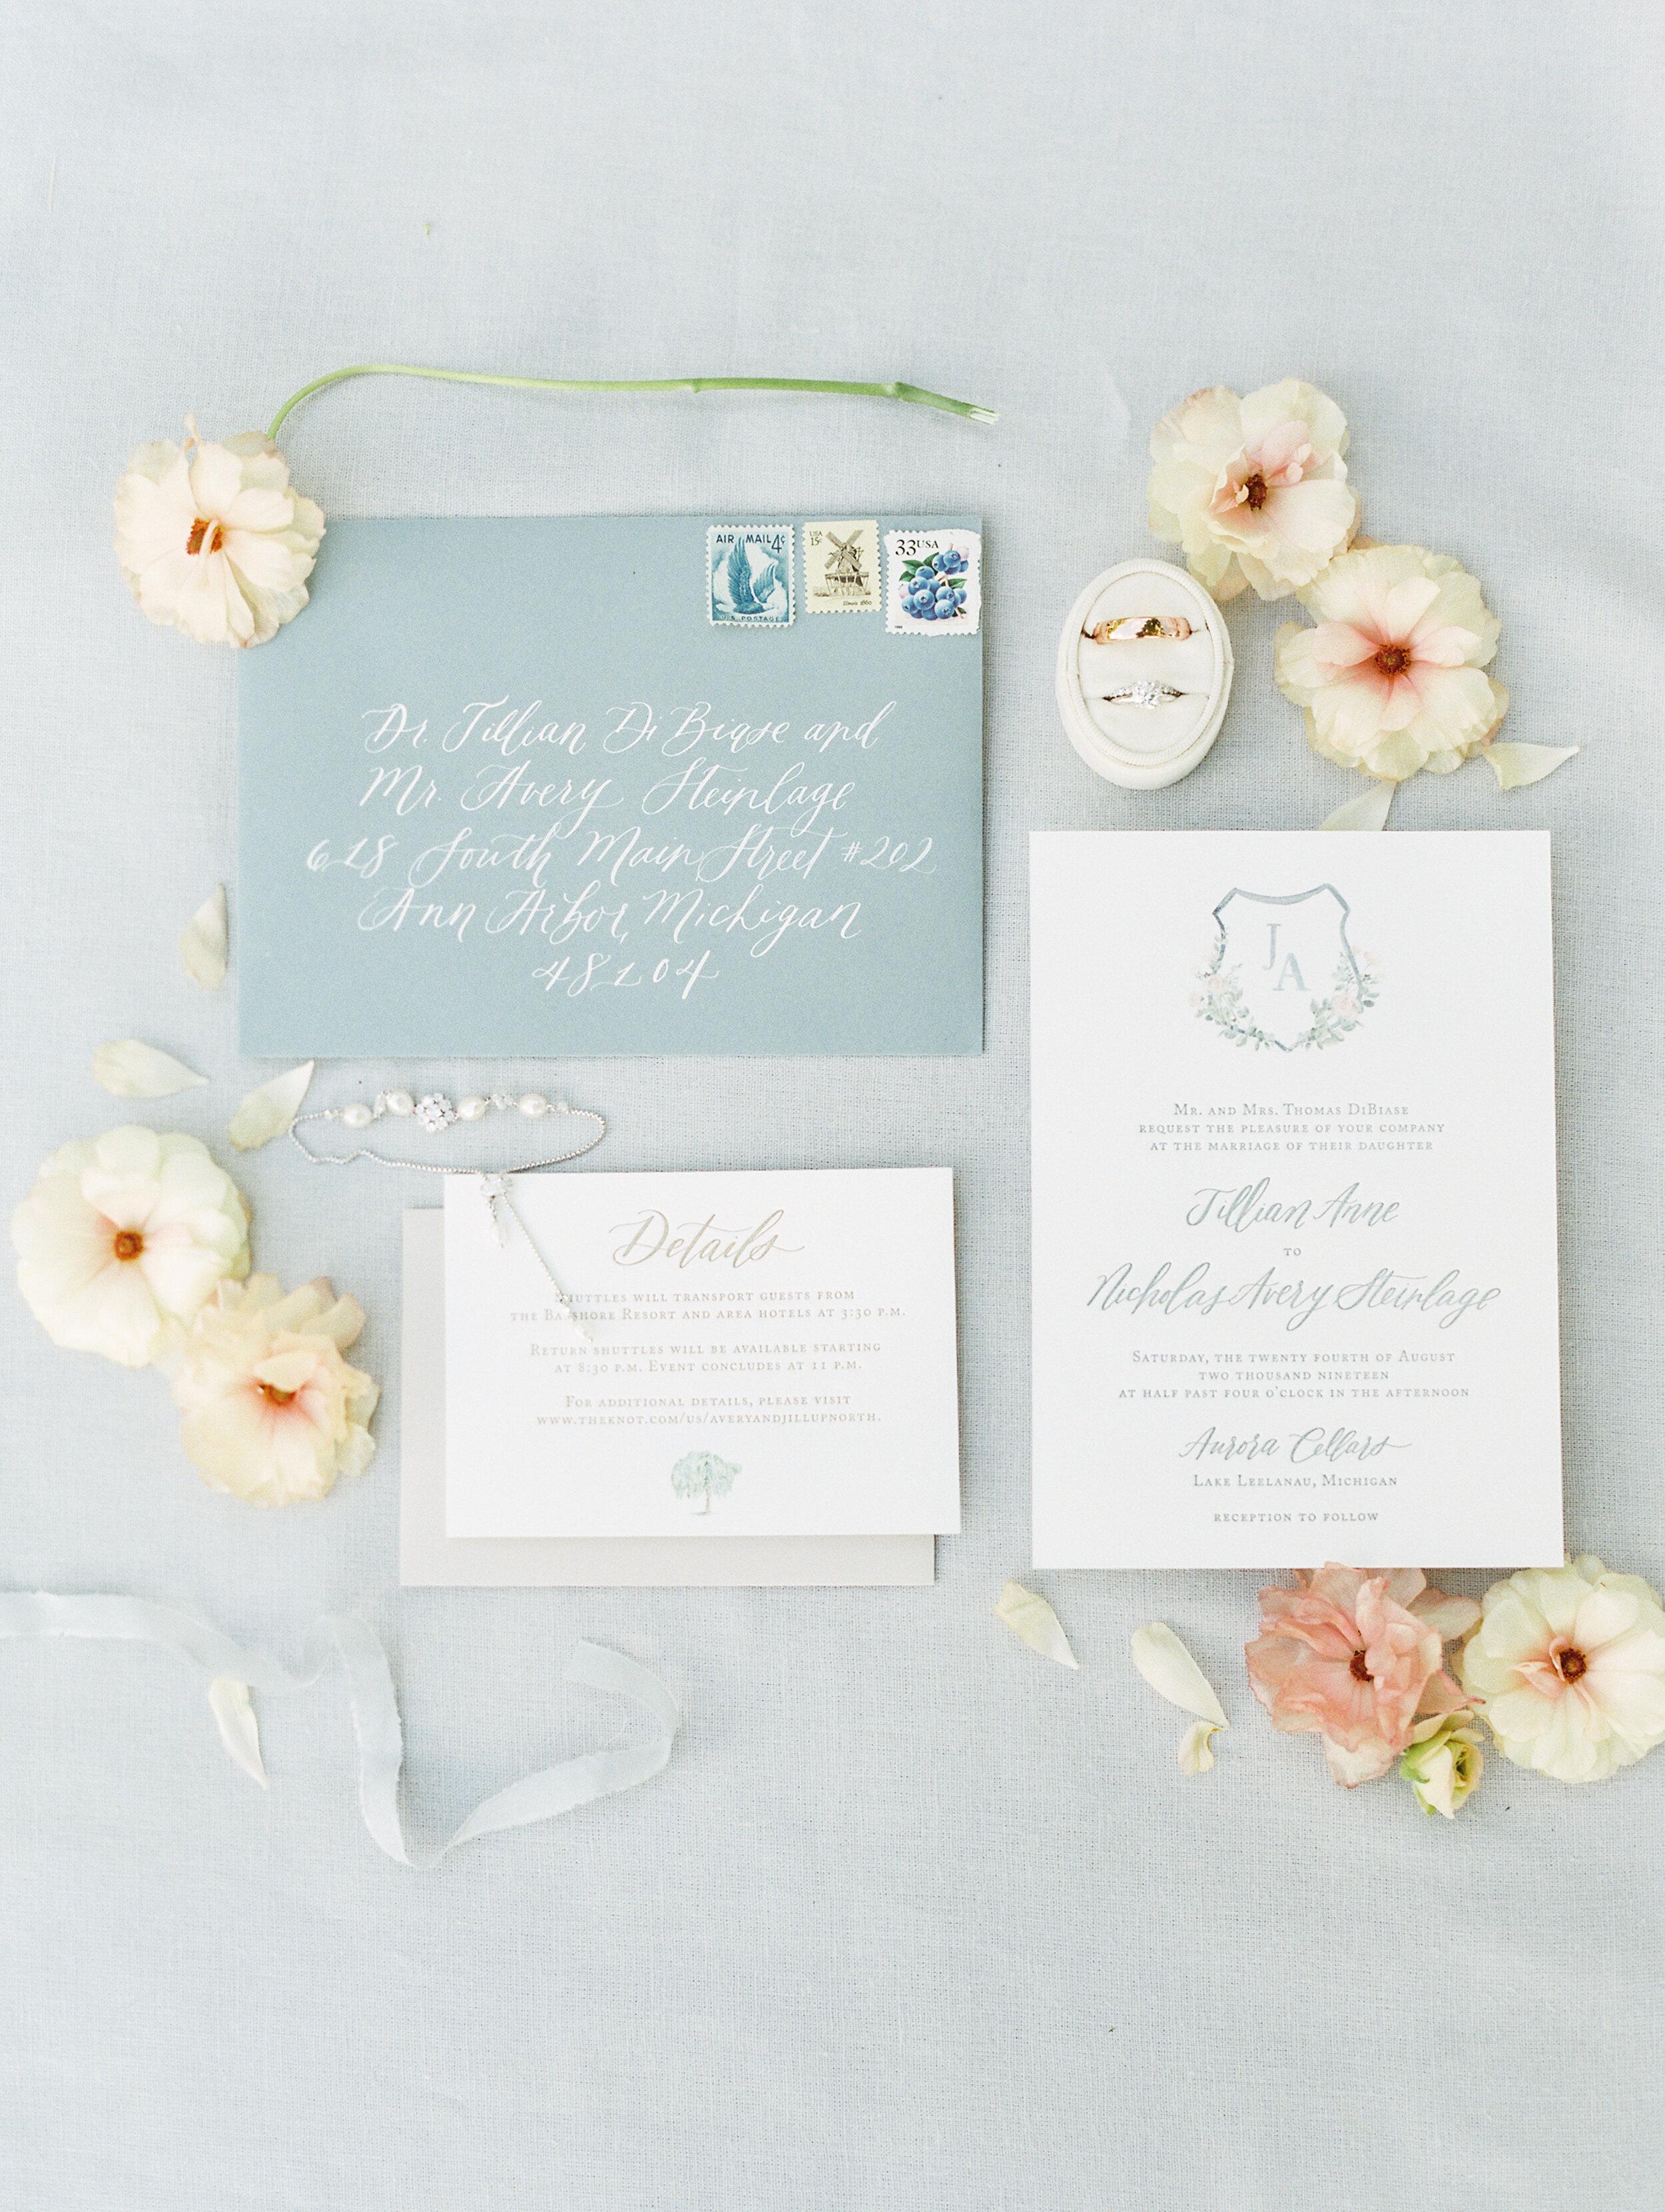 Steinlage+Wedding+Details-3.jpg